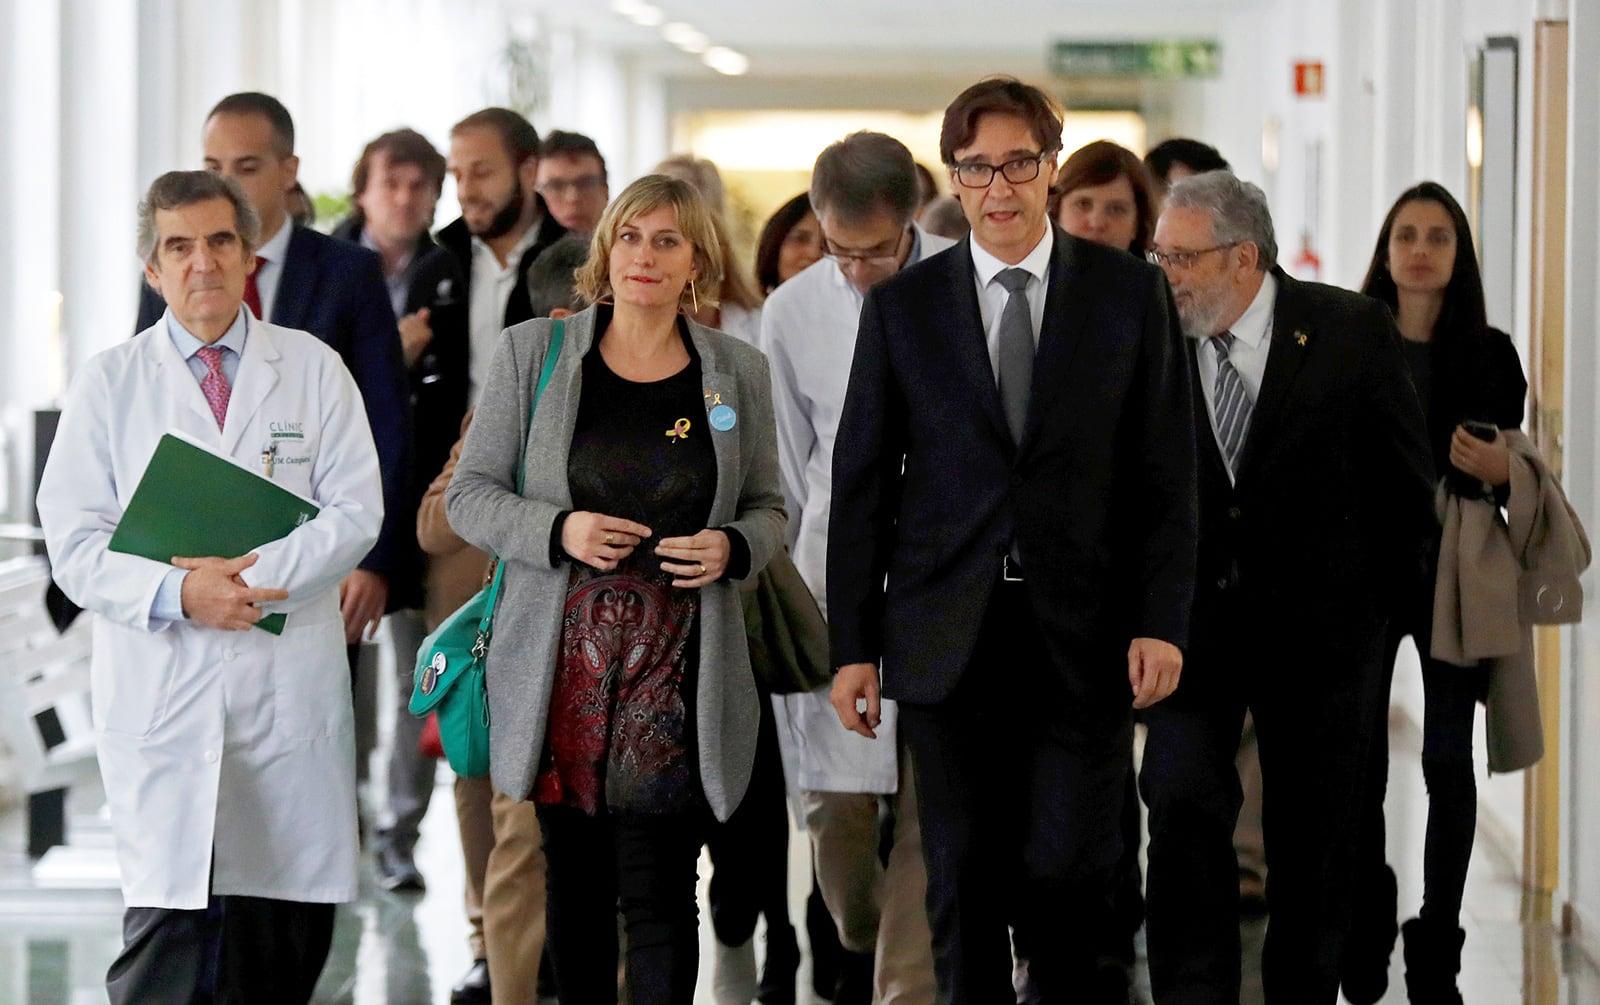 El ministro de Sanidad, Salvador Illa y la consejera de Sanidad, Alba Vergés, en el Hospital Clínico en una reunión para evaluar la evolución de la Covid, en febrero pasado. Fotografía de Toni Albir. Efe.